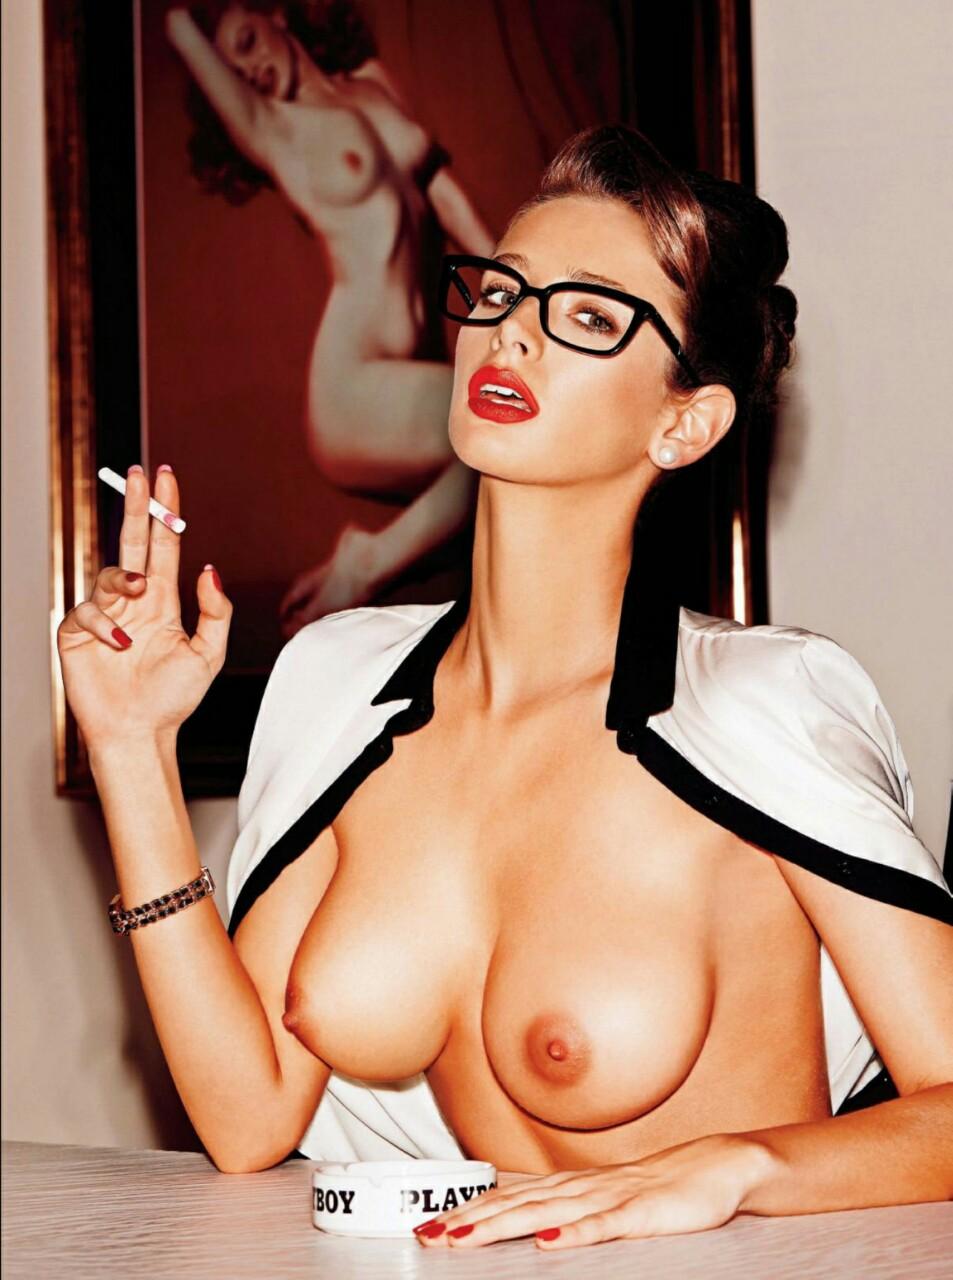 【海外エロ画像】この直後にフェラは嫌かな…喫煙中な異国の美女たちwww 13